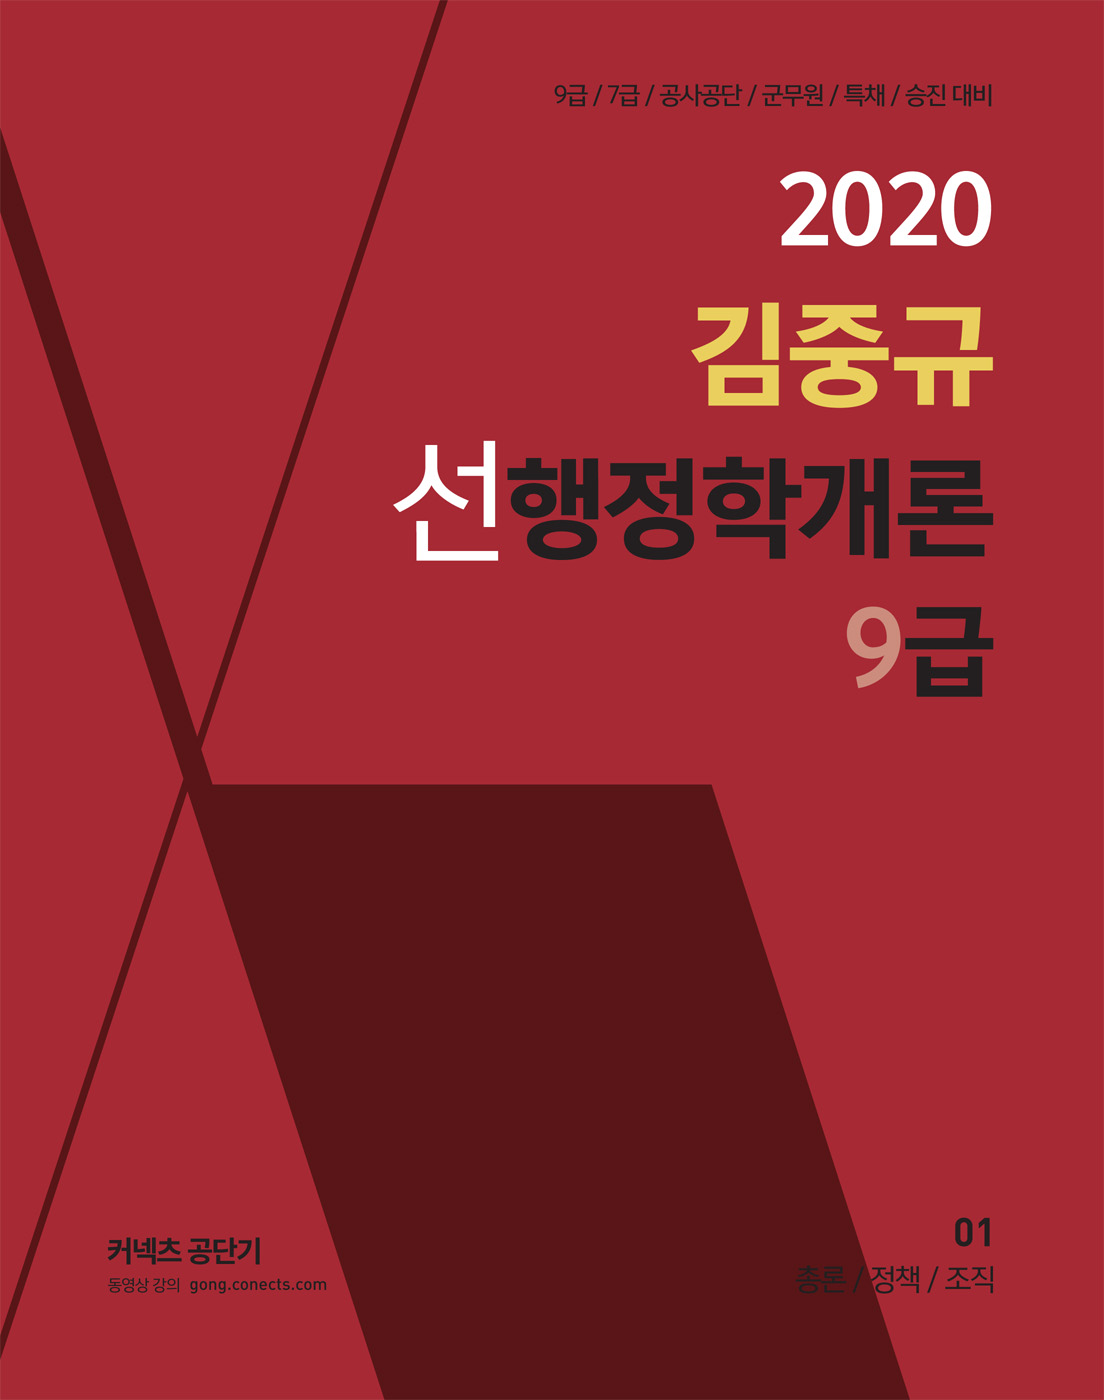 2020 미니북 증정